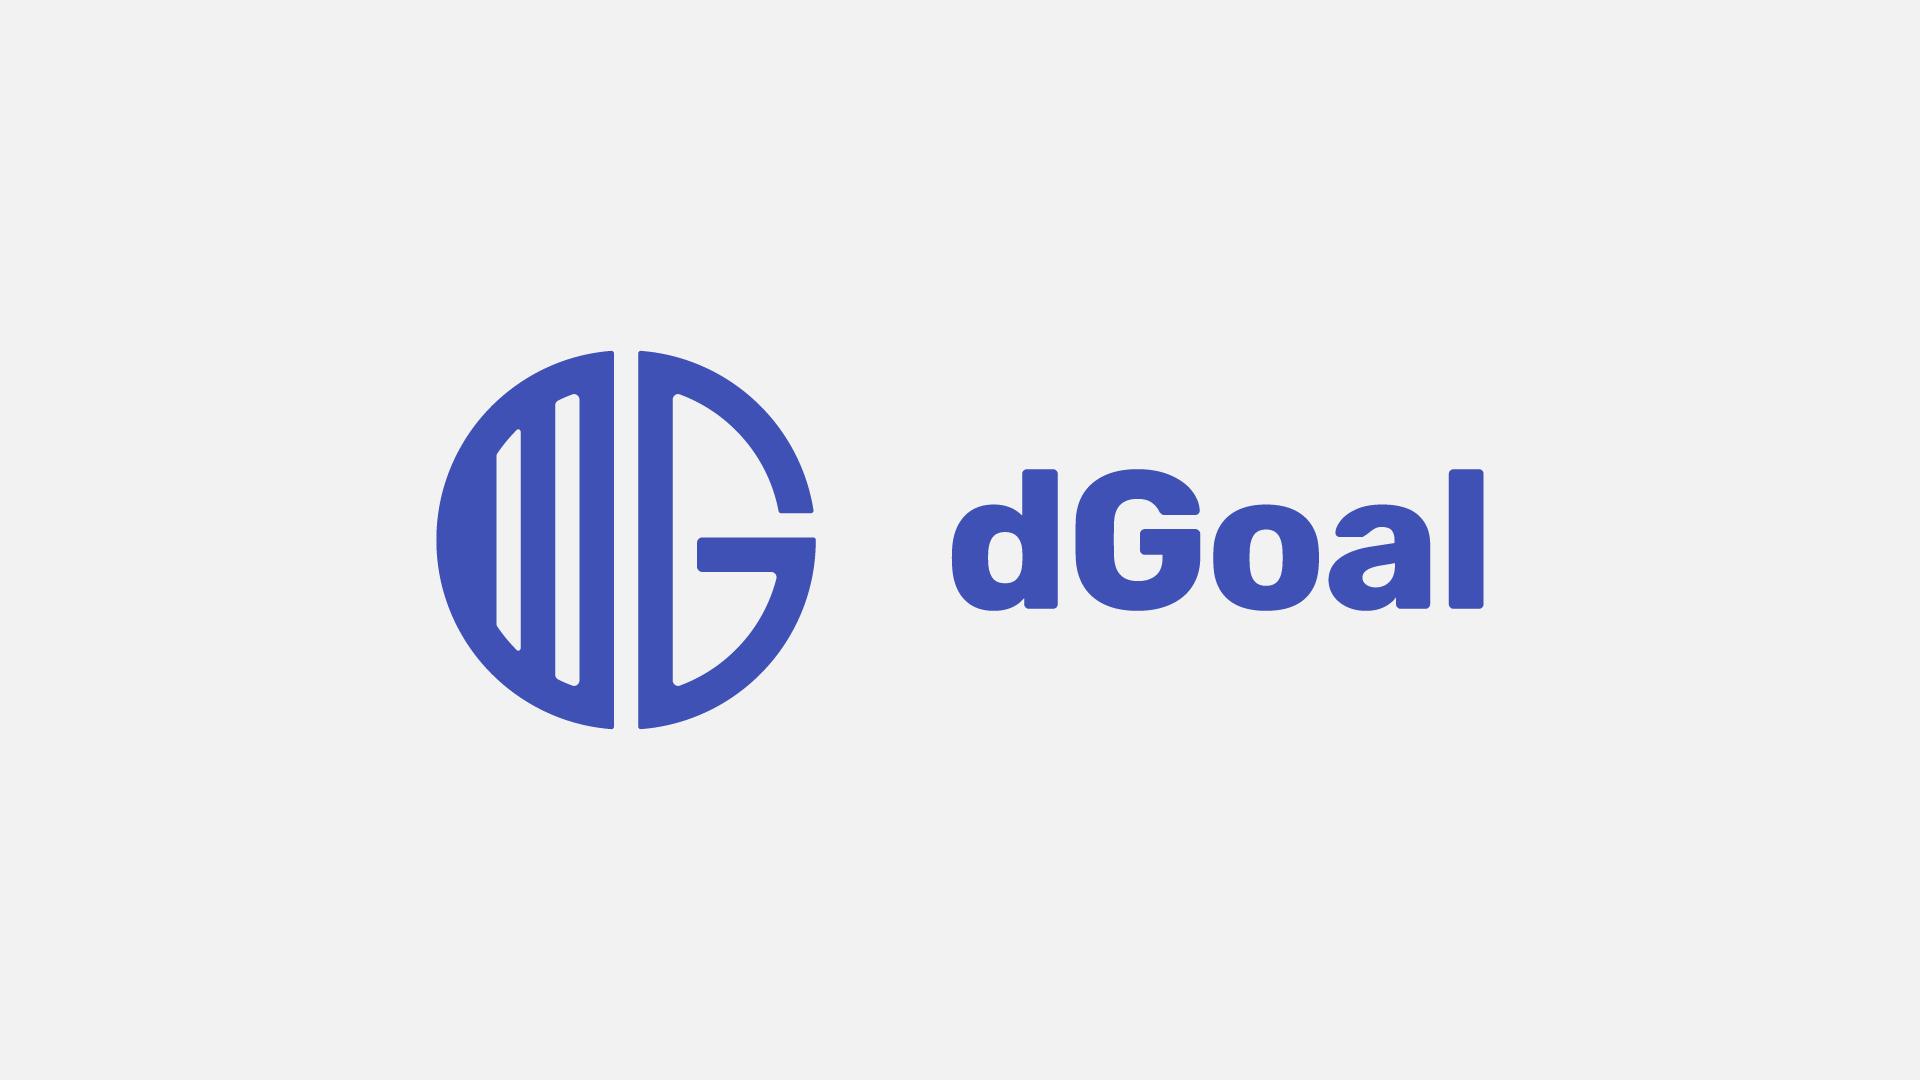 dGoal_logo.png